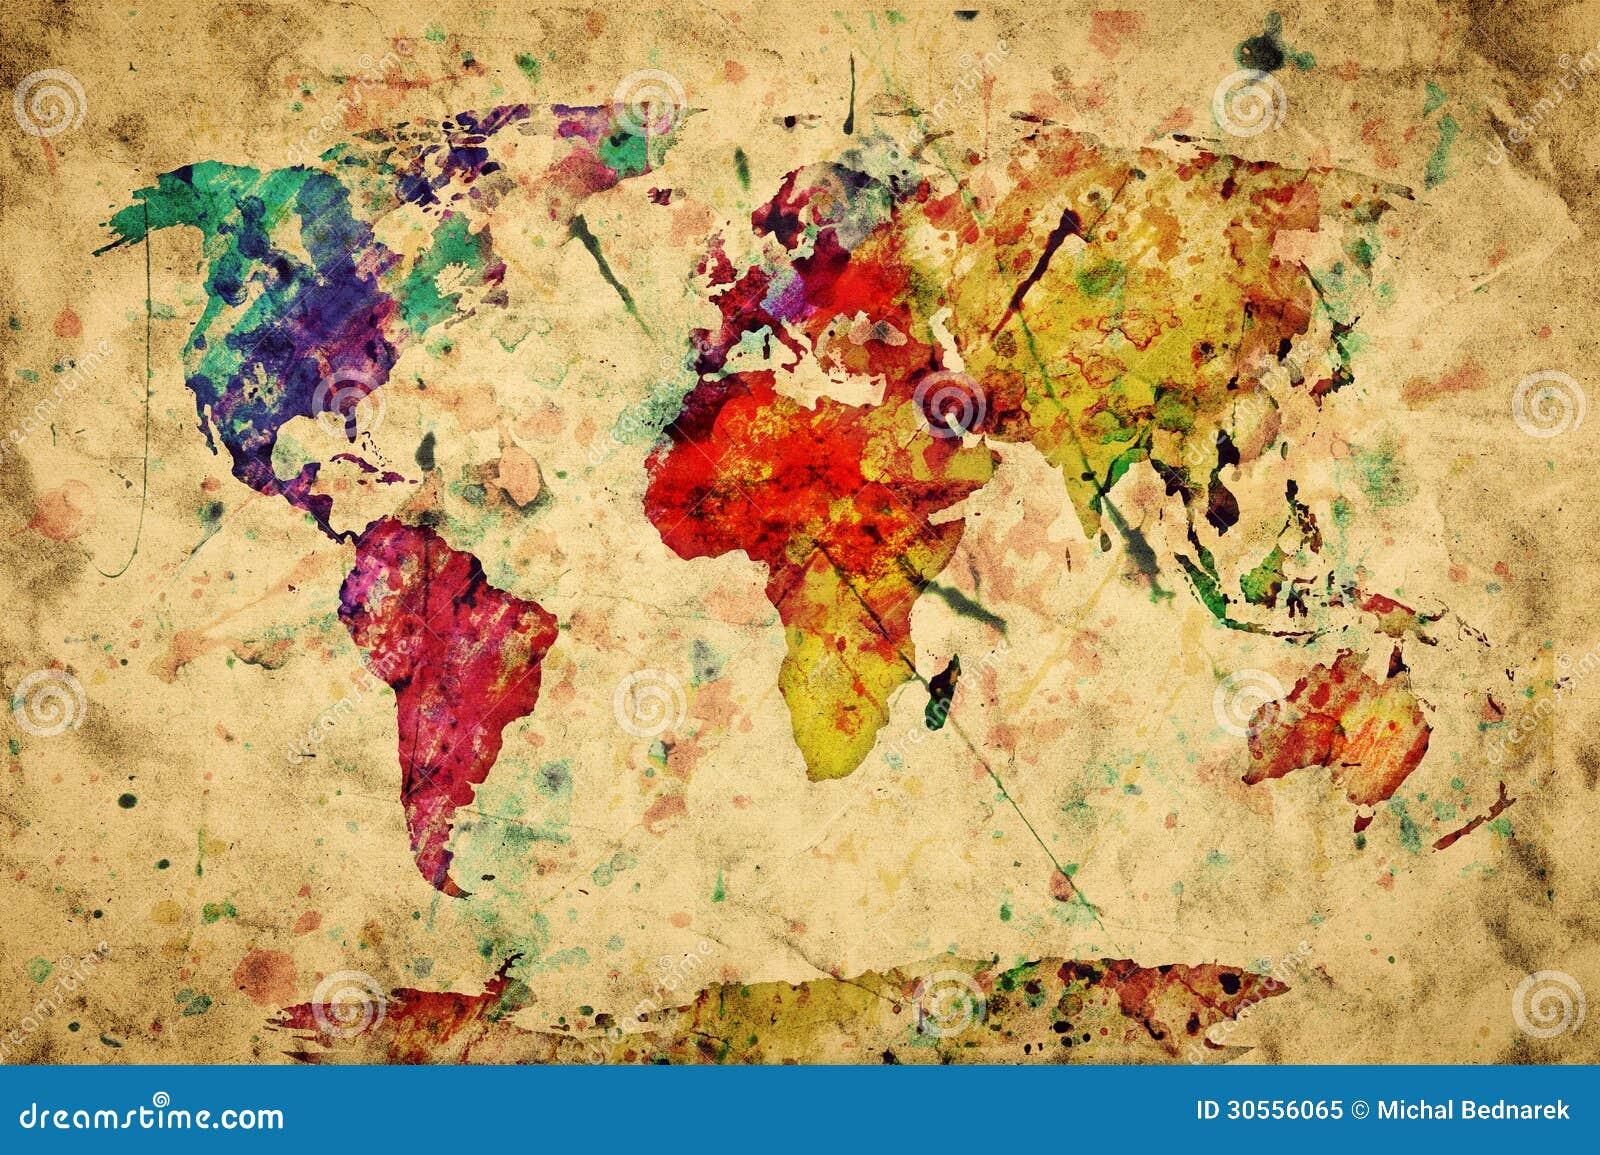 葡萄酒世界地图。五颜六色的油漆